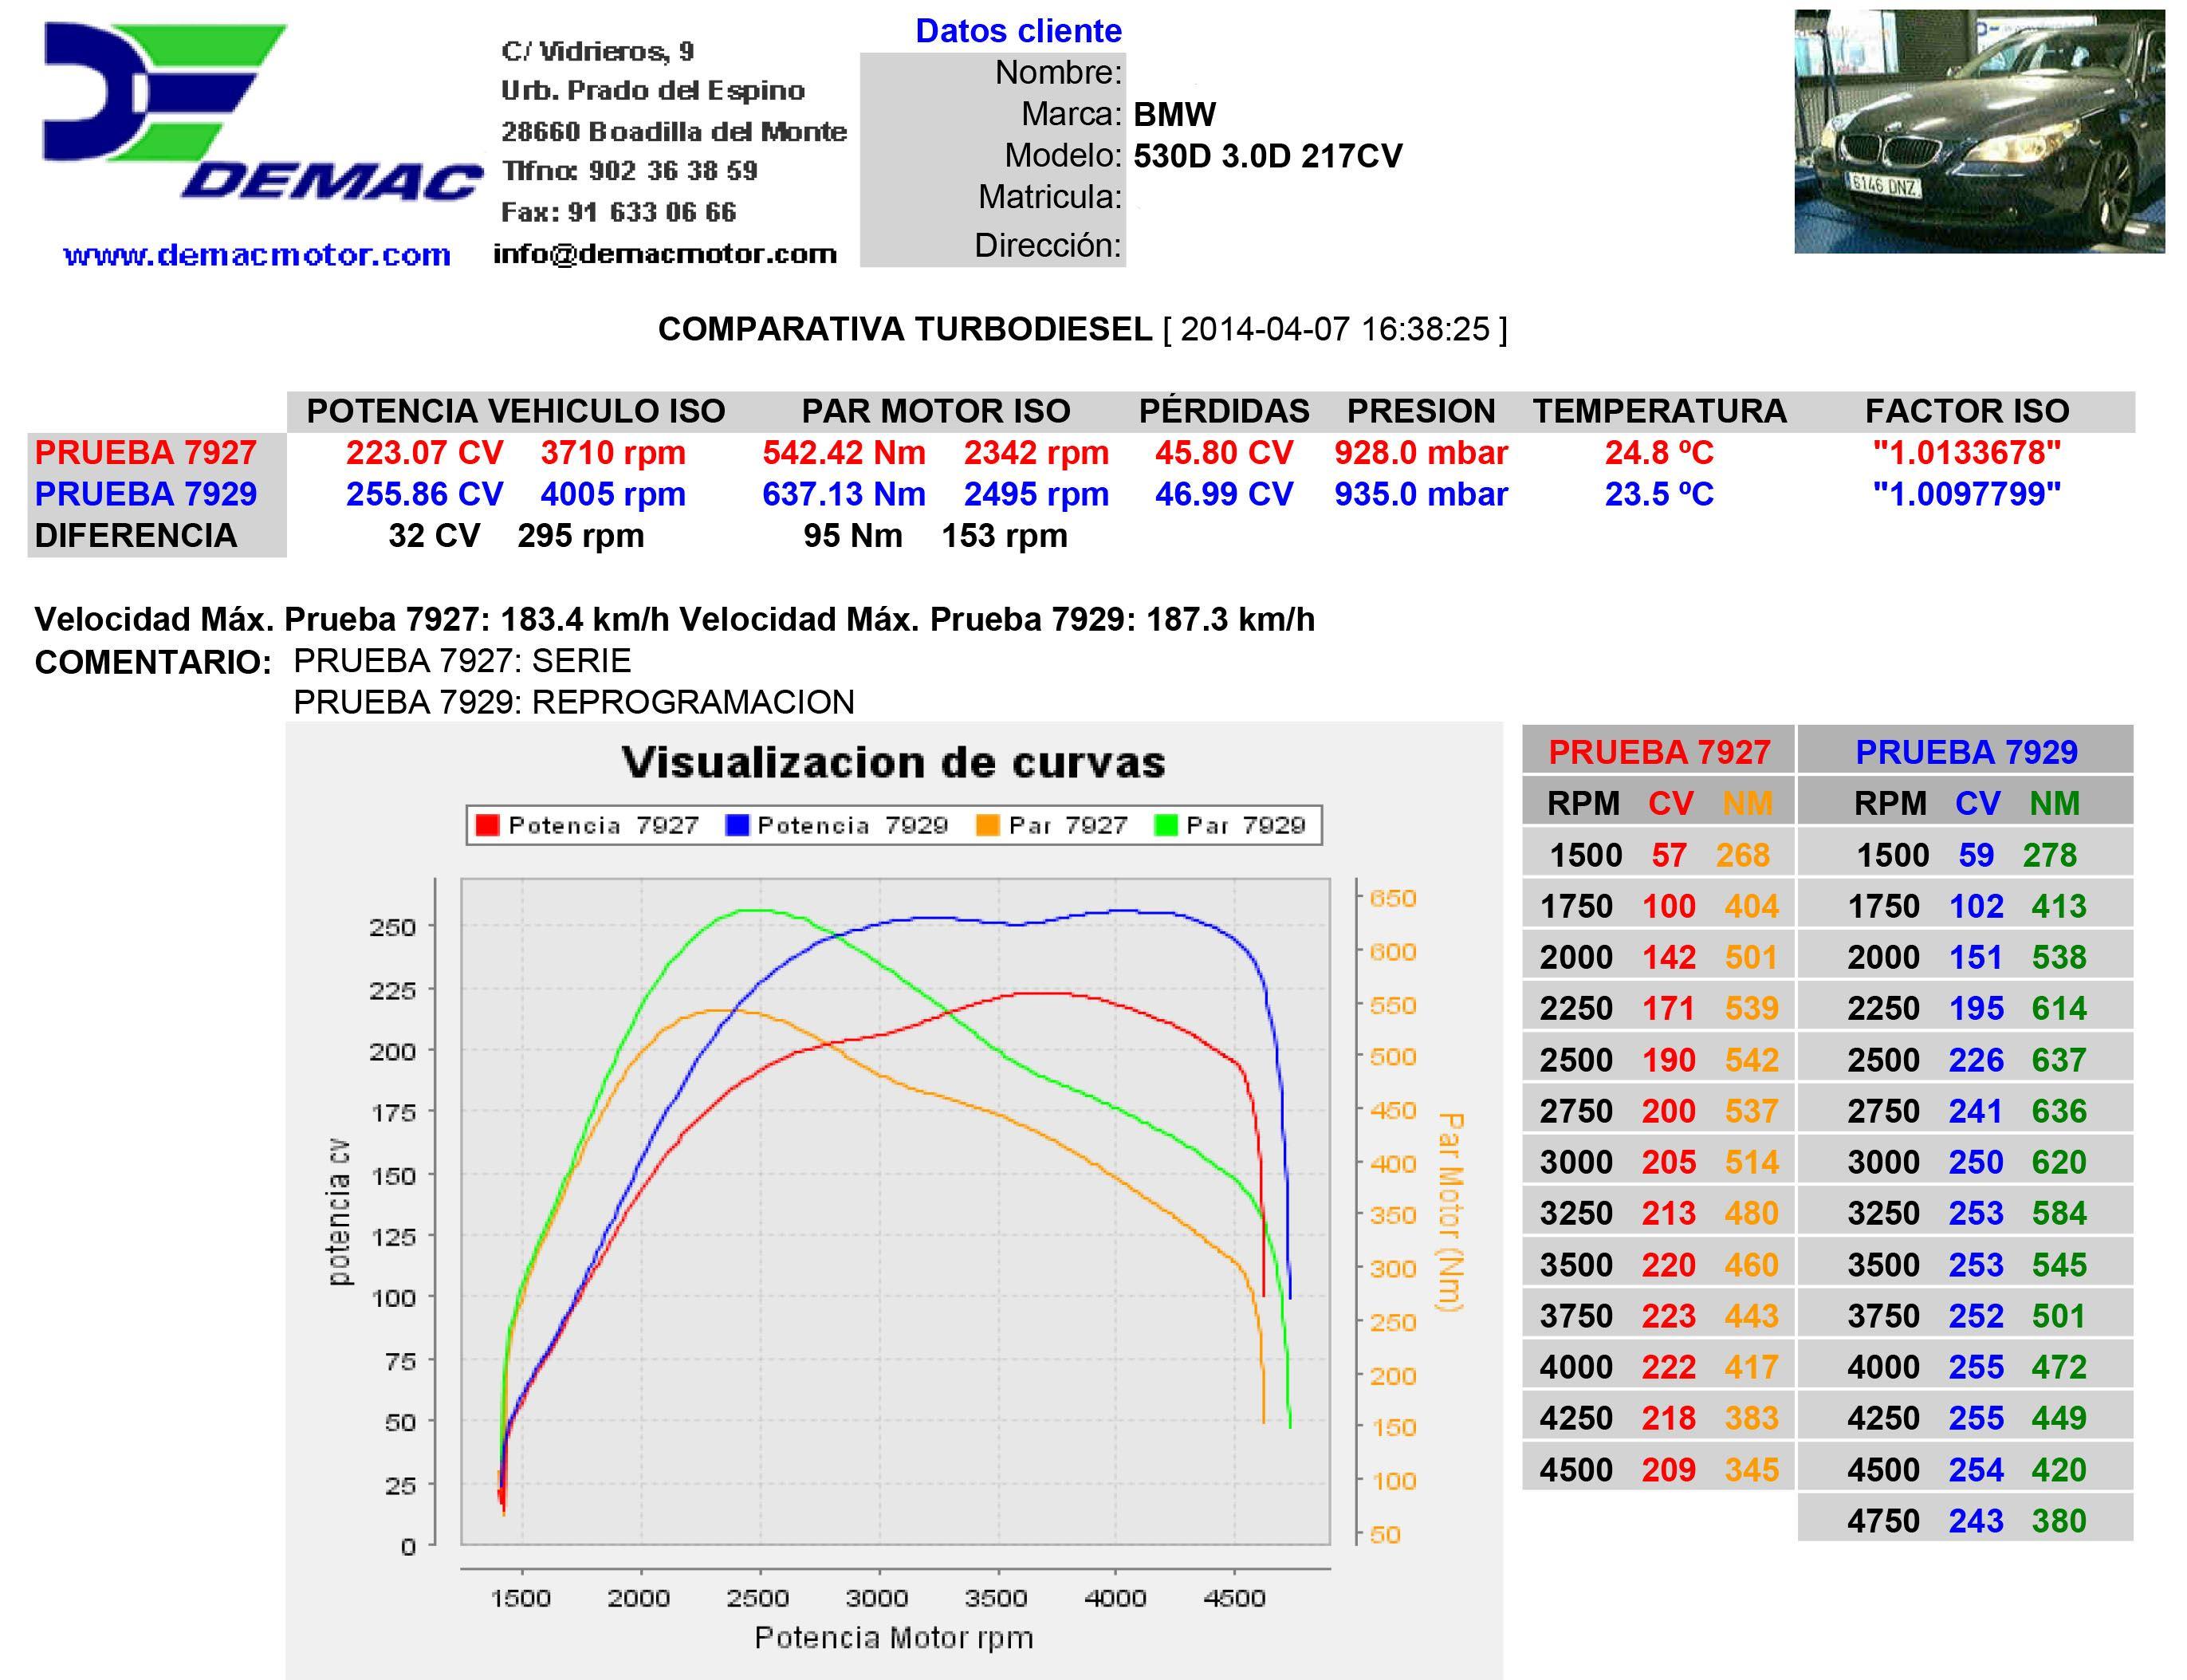 Reprogramación de centralita BMW 525d 177CV. Curvas de potencia y par de serie y reprogramado.